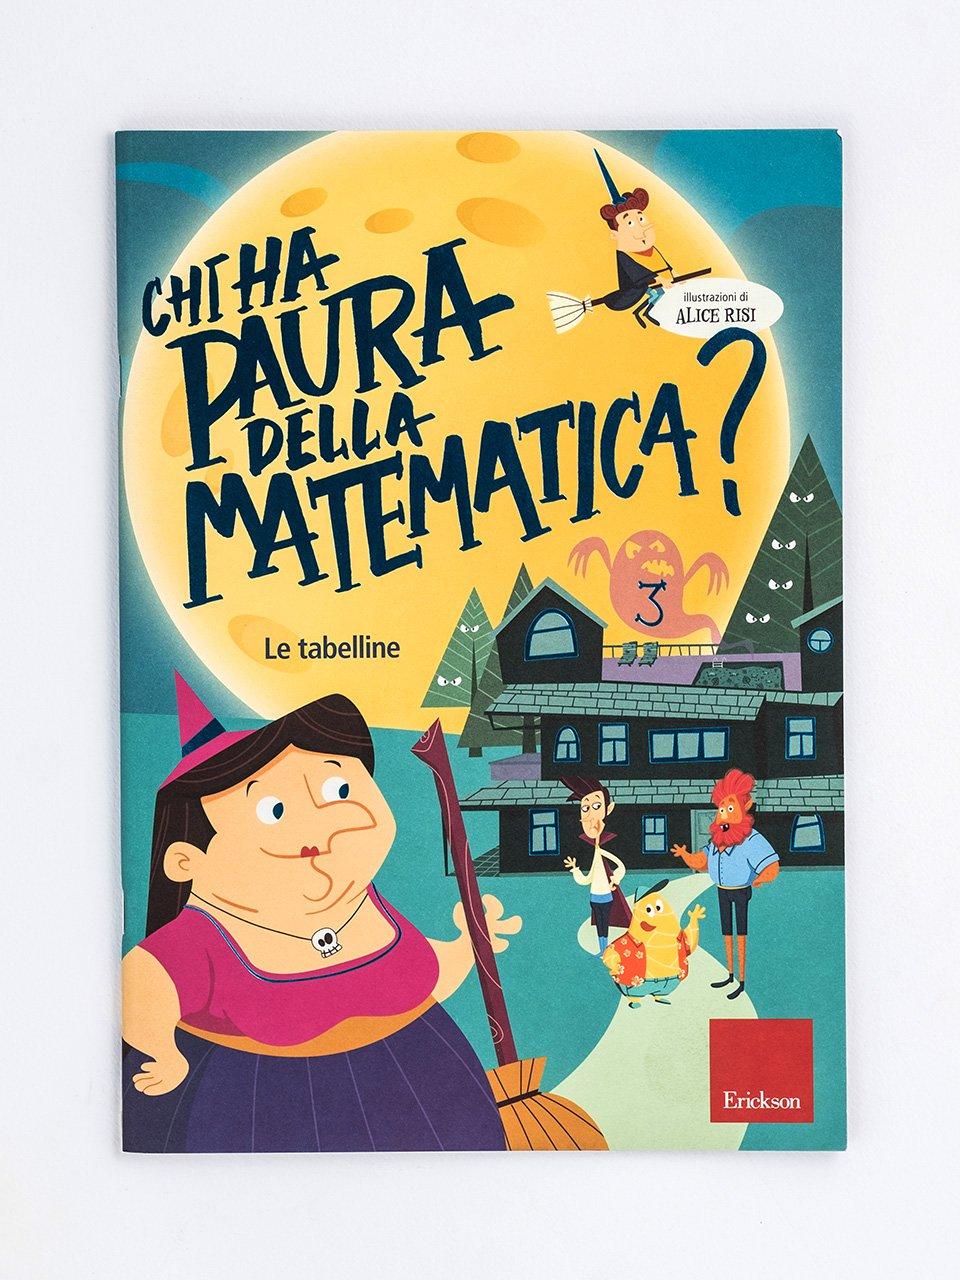 Chi ha paura della matematica? - Volume 3 - Chi ha paura della matematica? - Volume 1 - Libri - Erickson